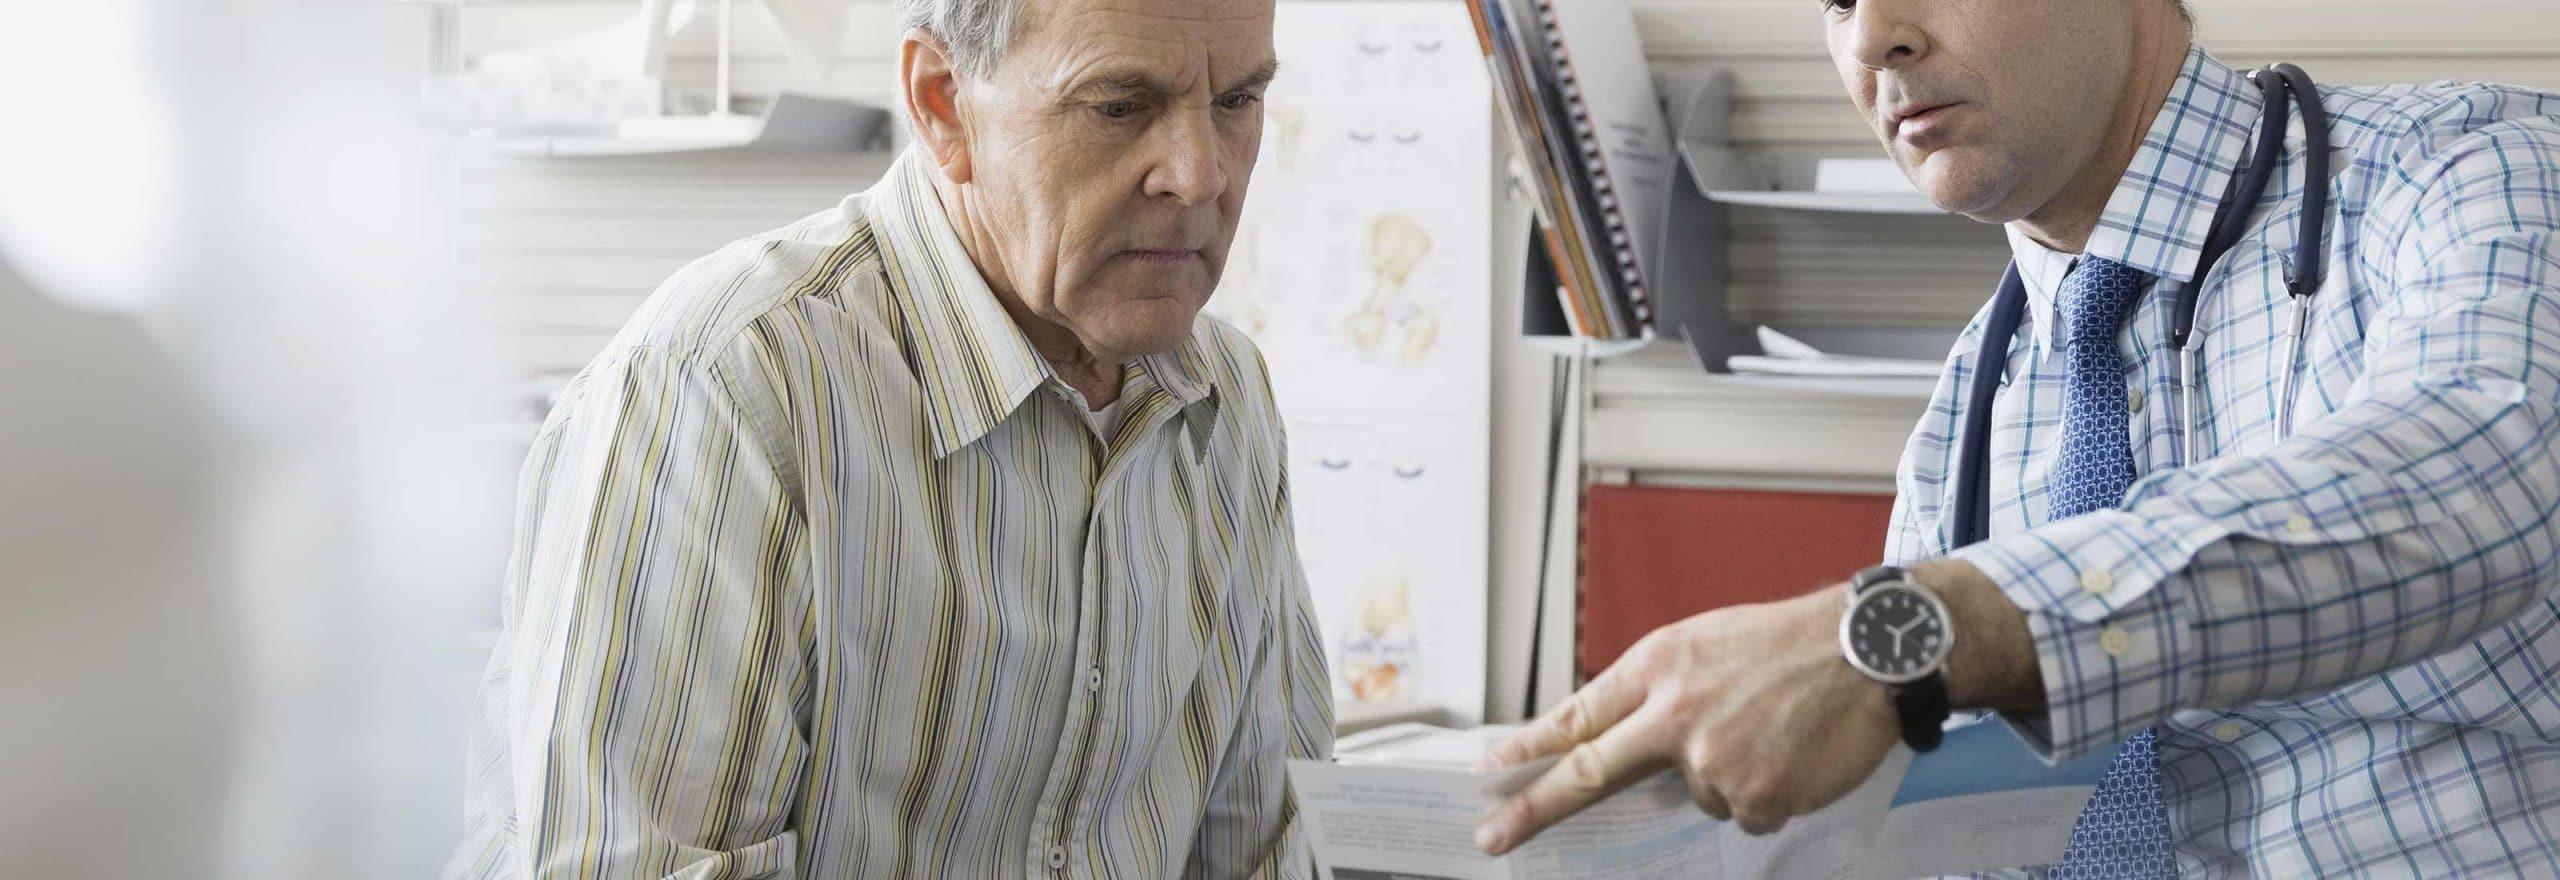 hiperactividad de la vejiga después de la vaporización de la próstata con láser verde